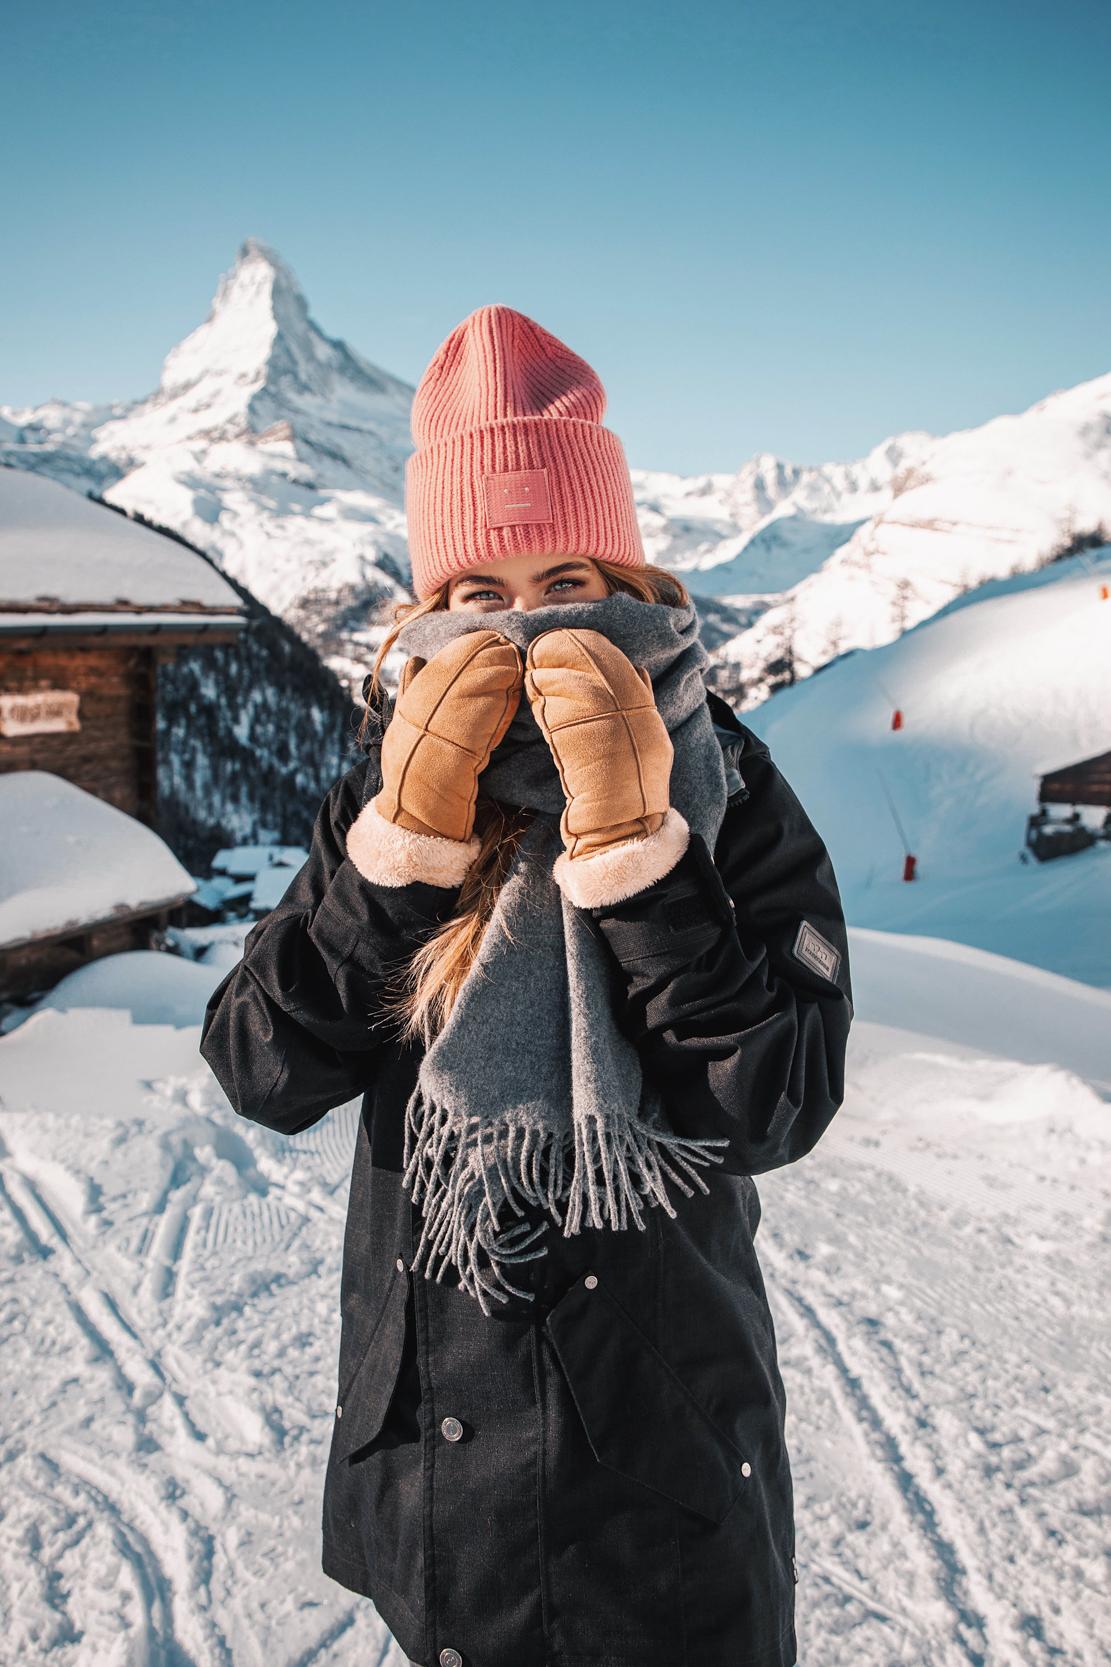 stylish-winter-outfits-switzerland-11.jpg